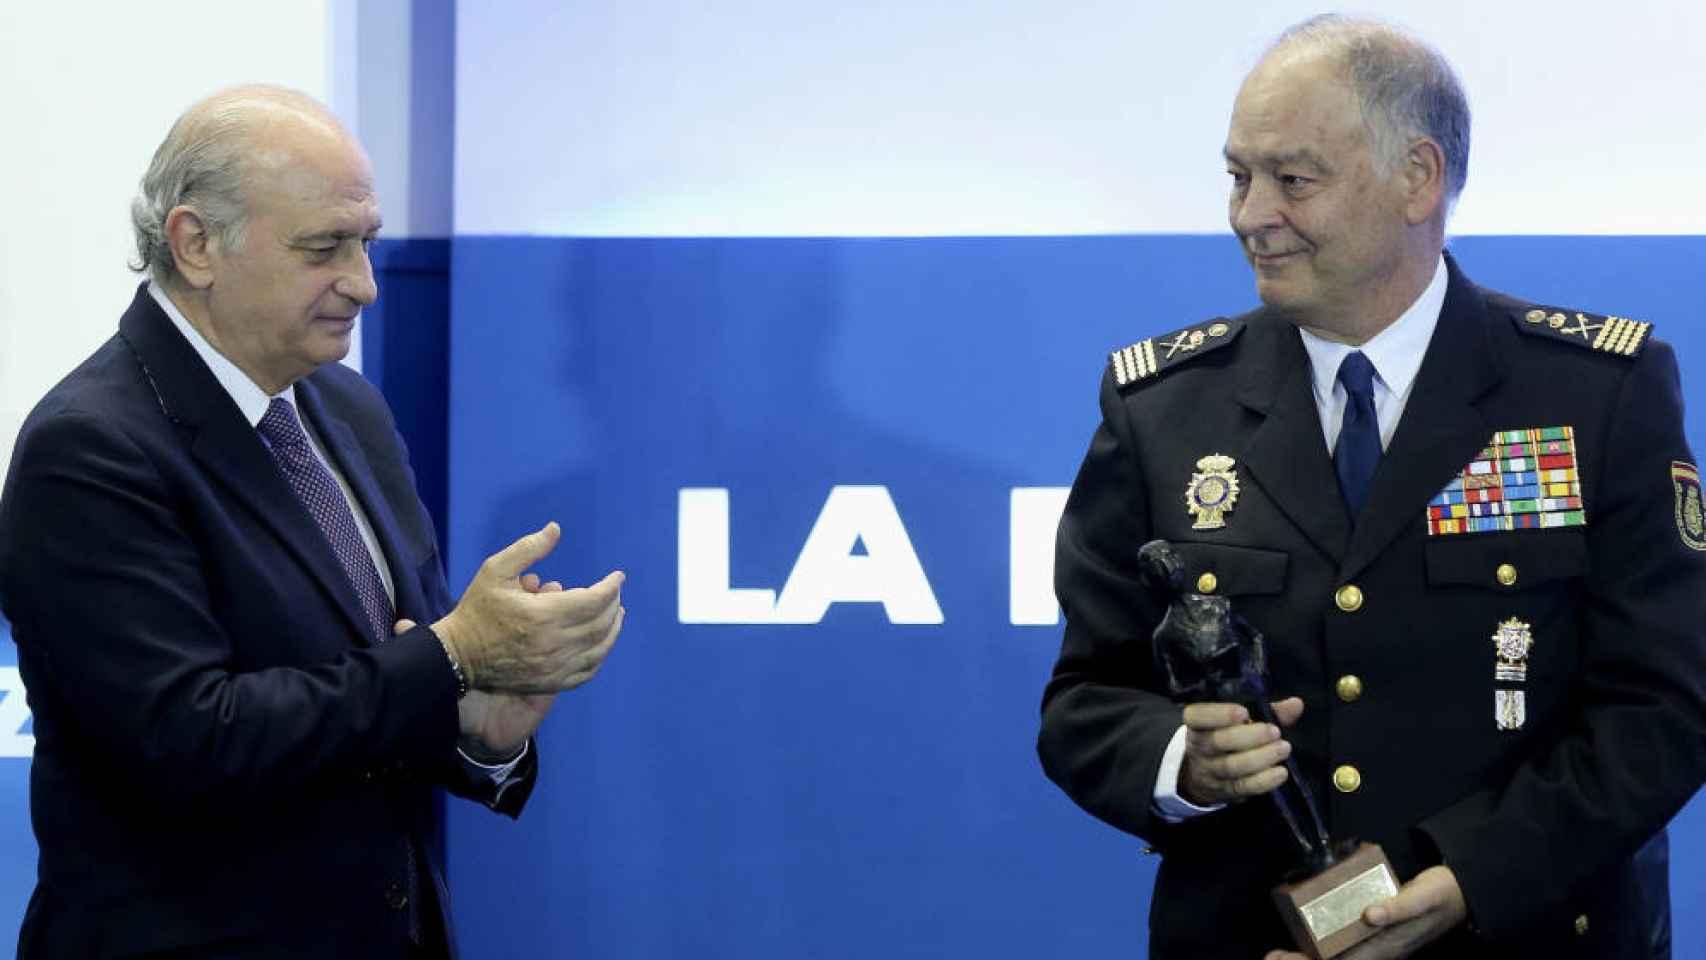 Fernández Díaz con el ex Nº 2 de la Policía, Eugenio Pino, ambos implicados en la trama.